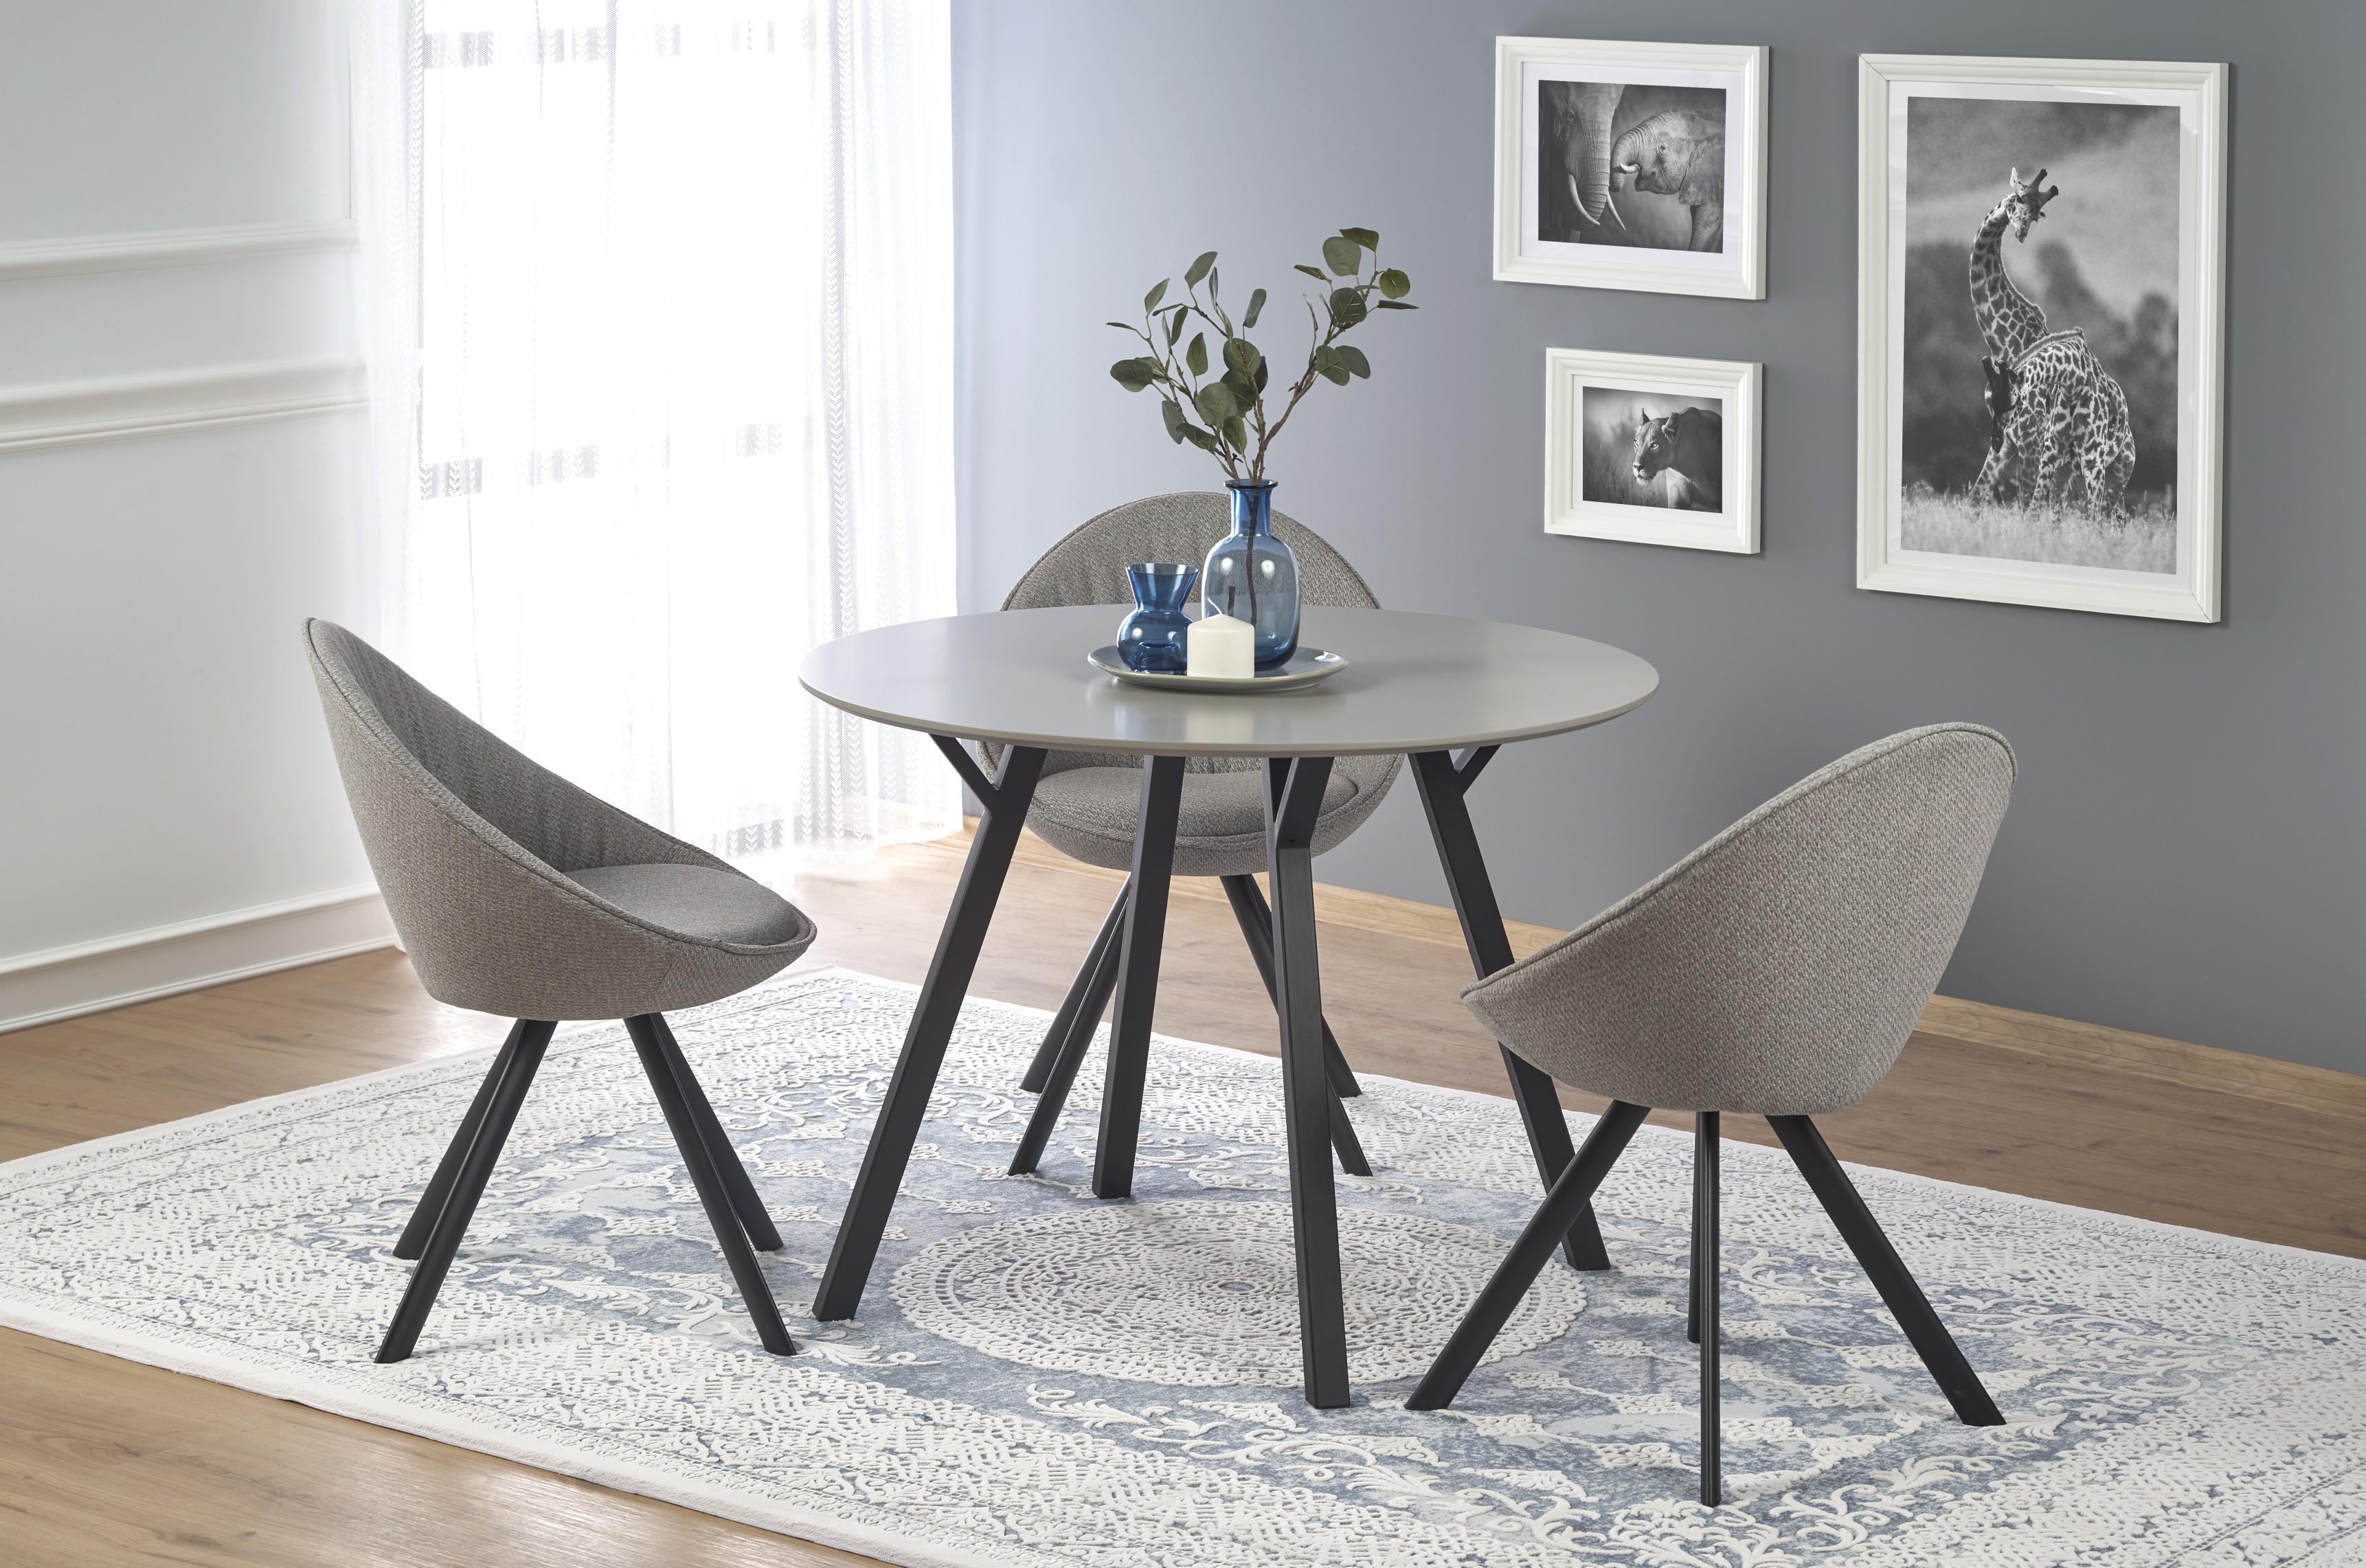 BALROG okrúhly stôl, konštrukcia - čierna, doska - svetlo šedá